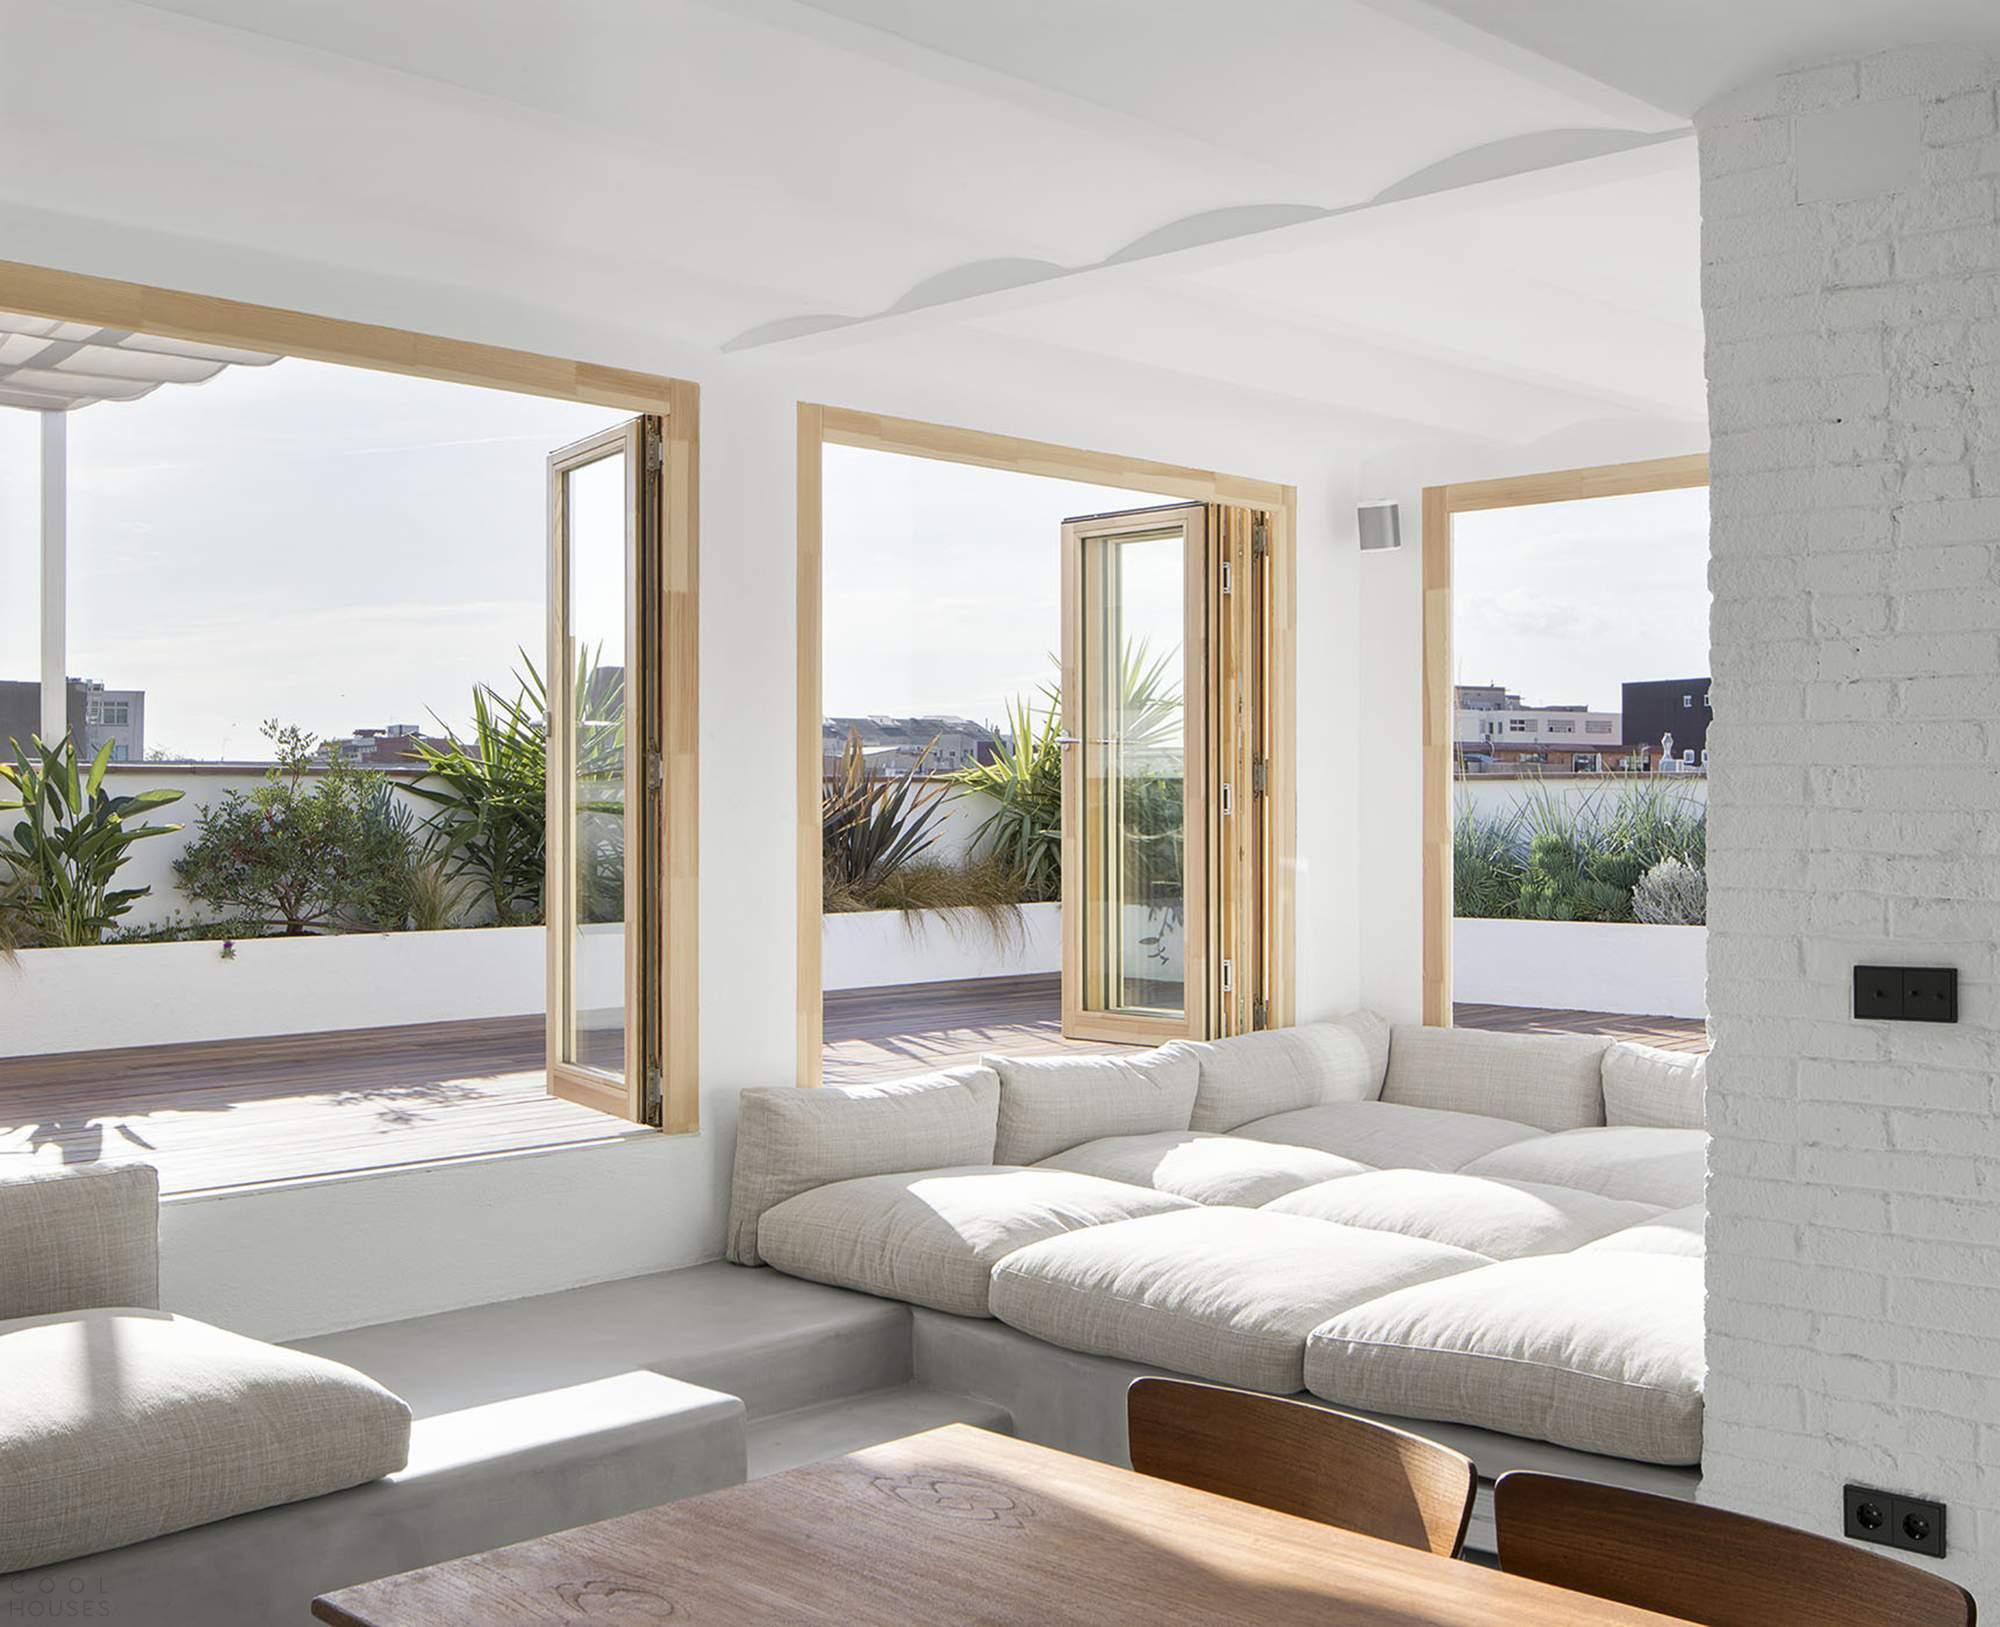 Квартира - сбалансированный круг с роскошной террасой, Испания